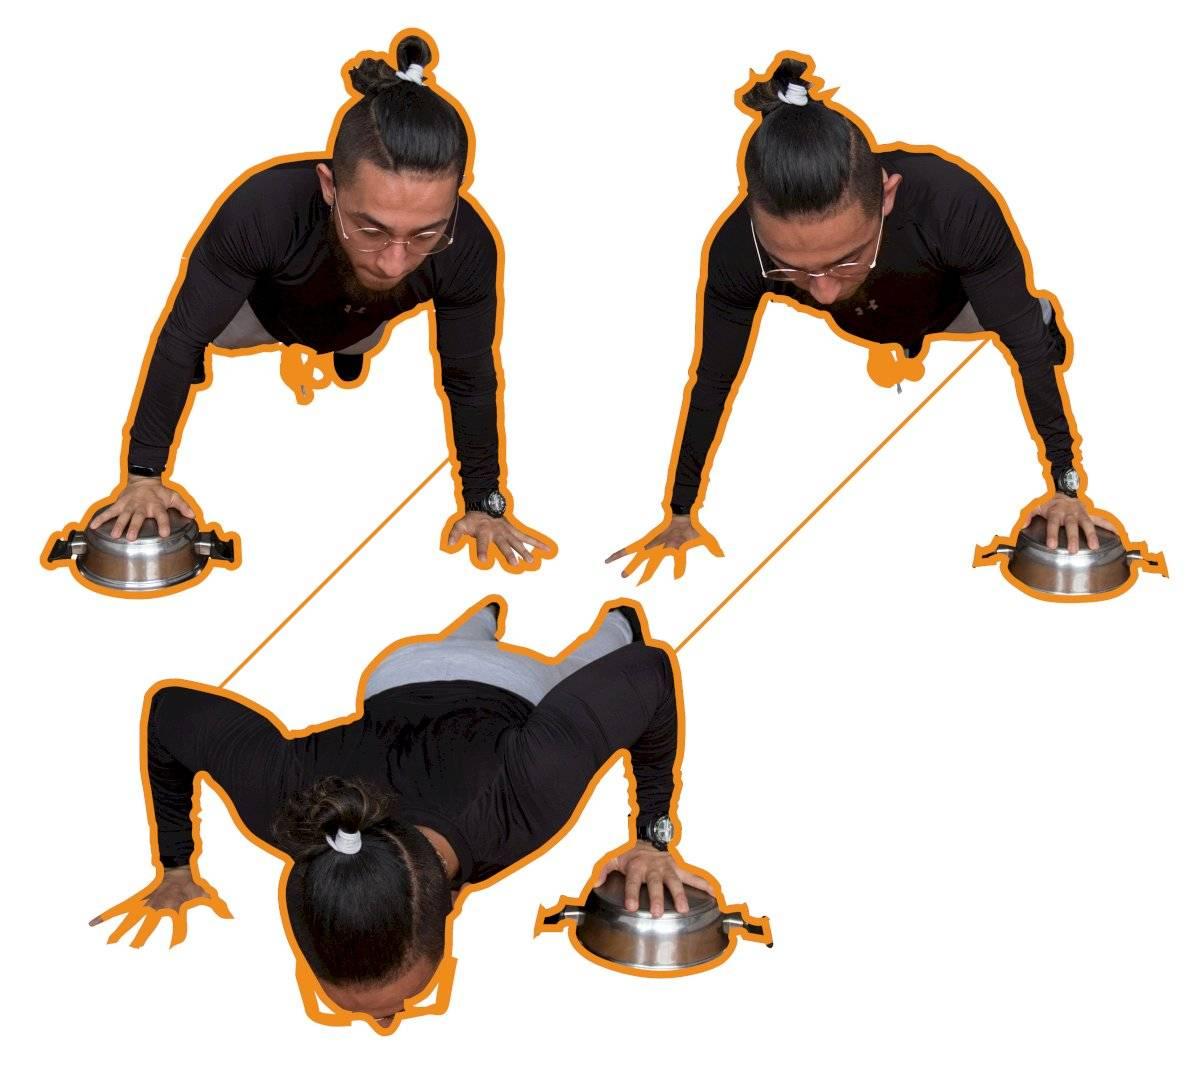 Exercícios quarentena - Flexão de cotovelo